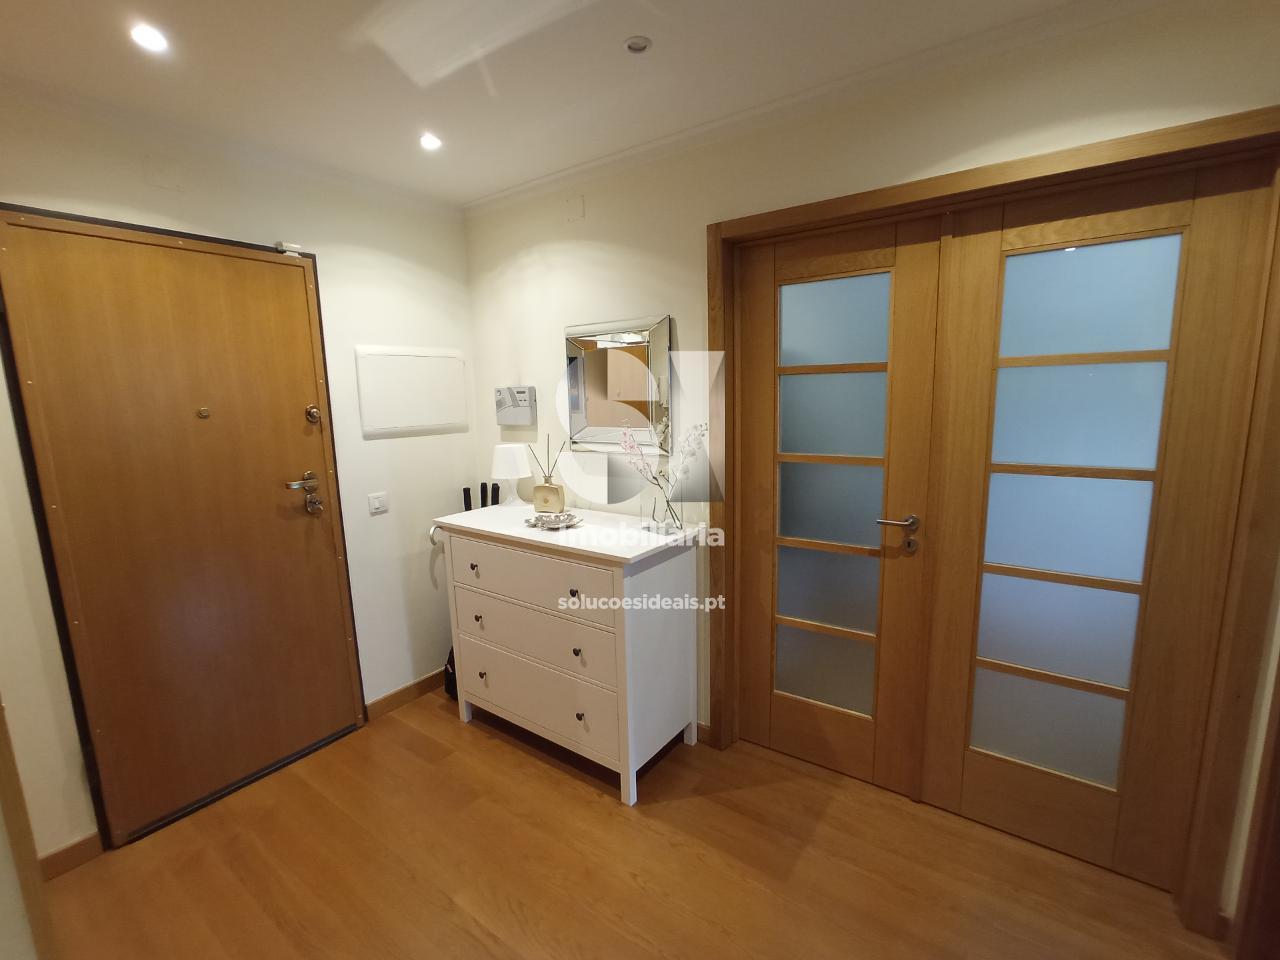 apartamento t3 para compra em coimbra uniao das freguesias de santa clara e castelo viegas santa clara CPTLJA250